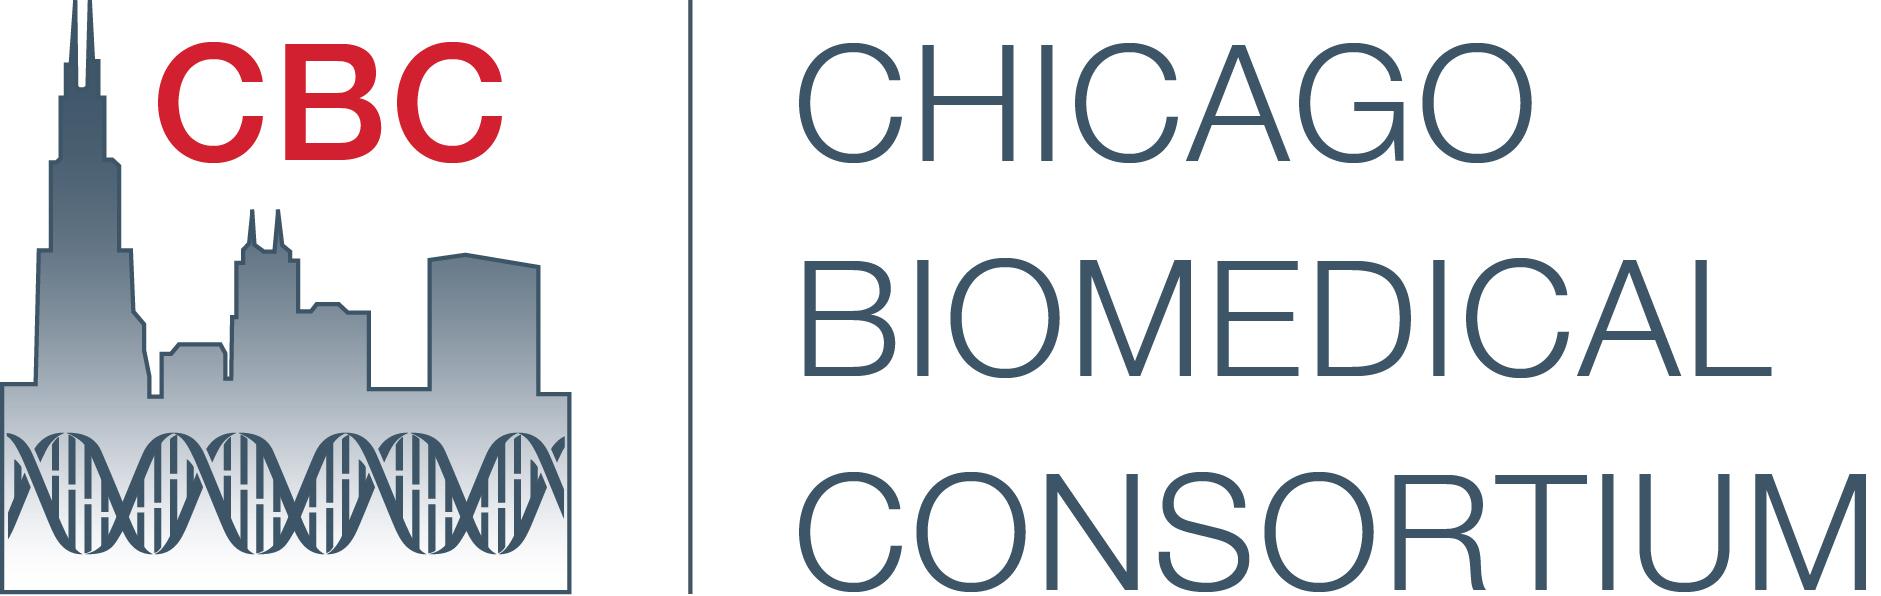 Chicago Biomedical Consortium (CBC)